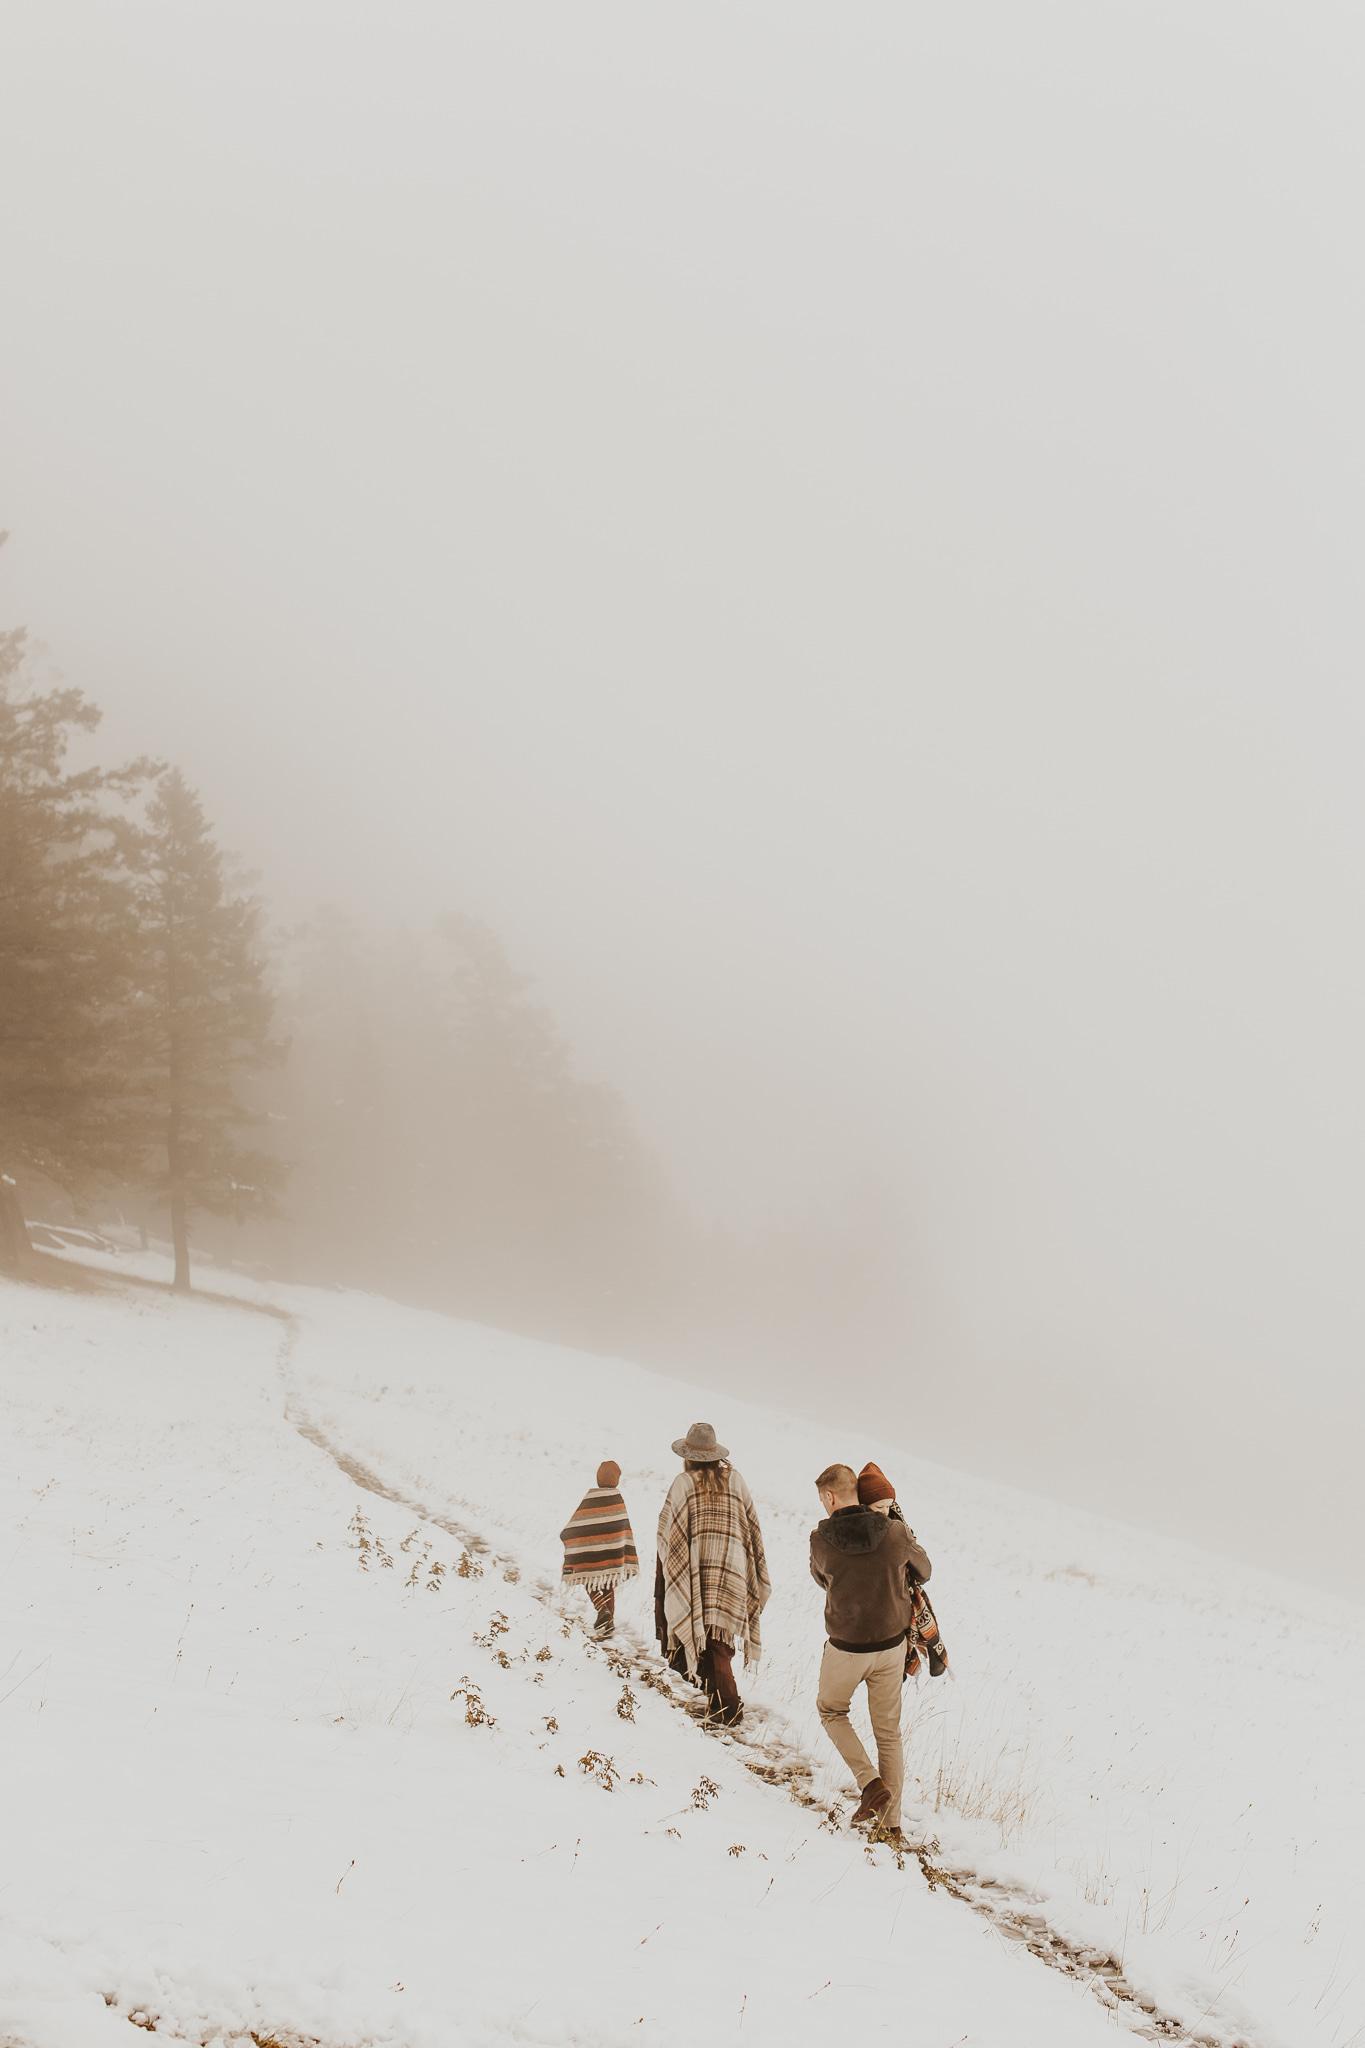 Alina-Joy-Photography-Cold-Lake-Lifestyle-Photographer-266.jpg